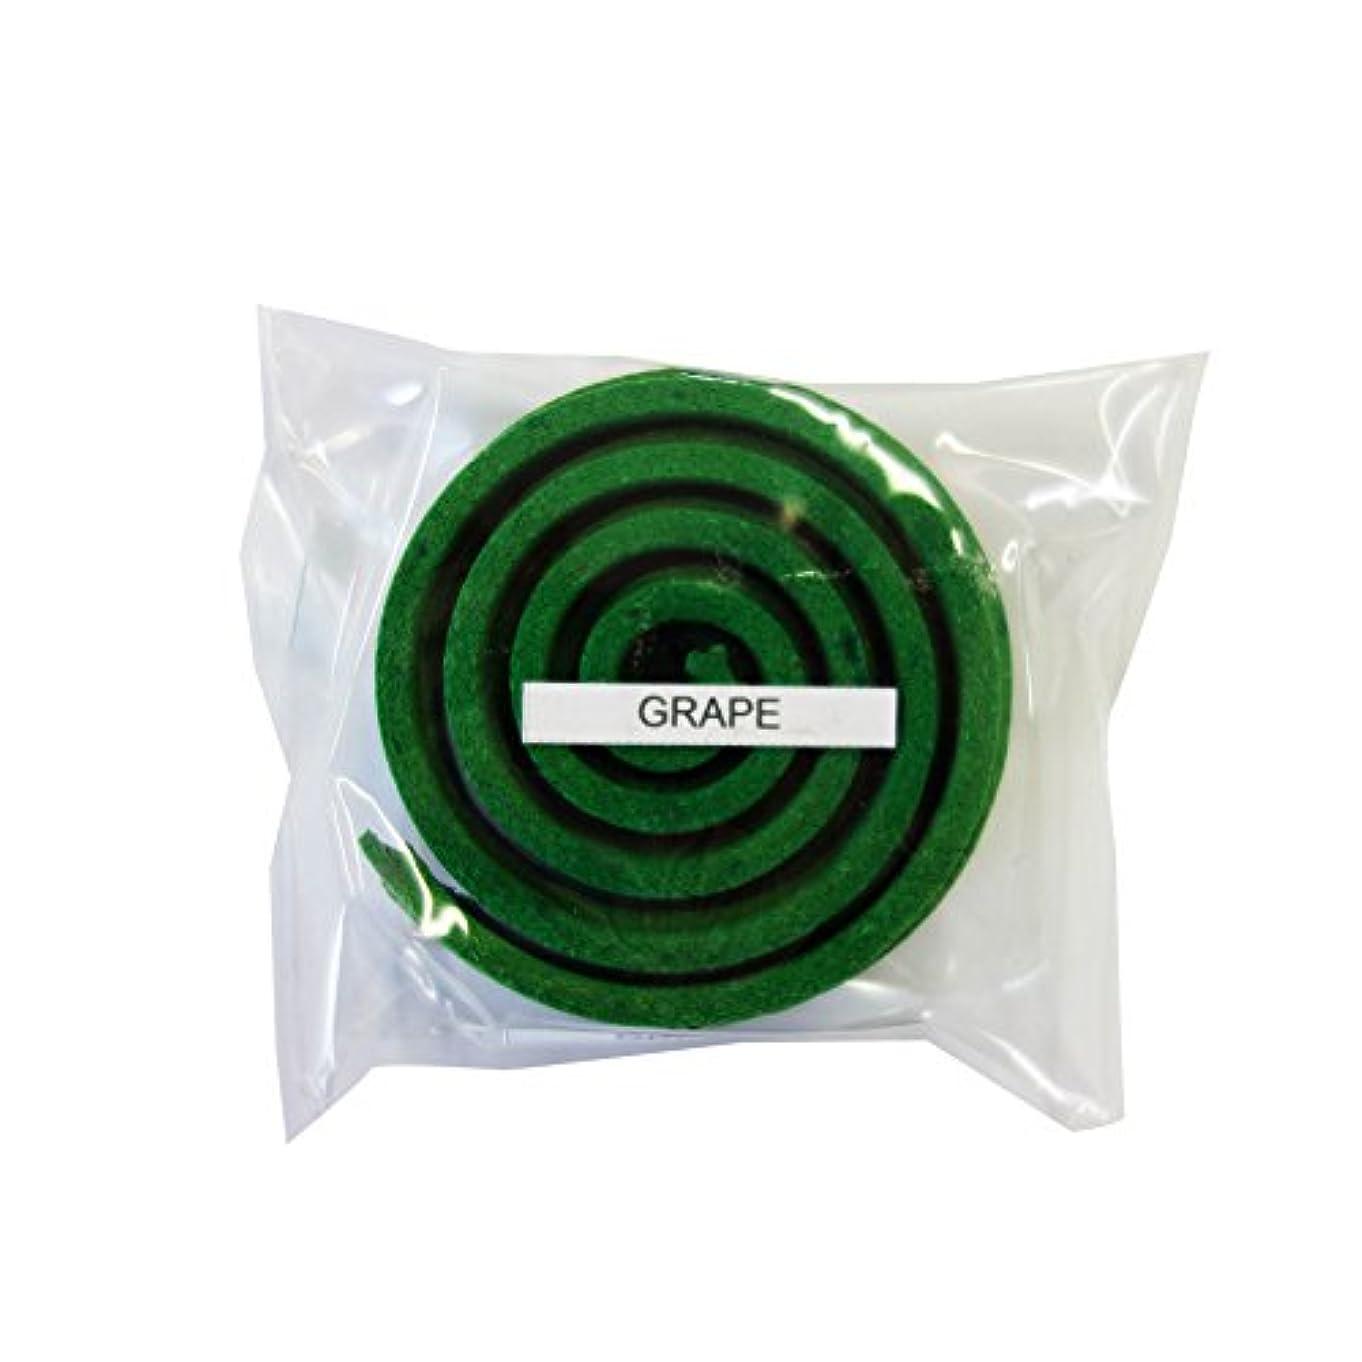 出費許されるペパーミントお香/うずまき香 GRAPE グレープ 直径5cm×5巻セット [並行輸入品]